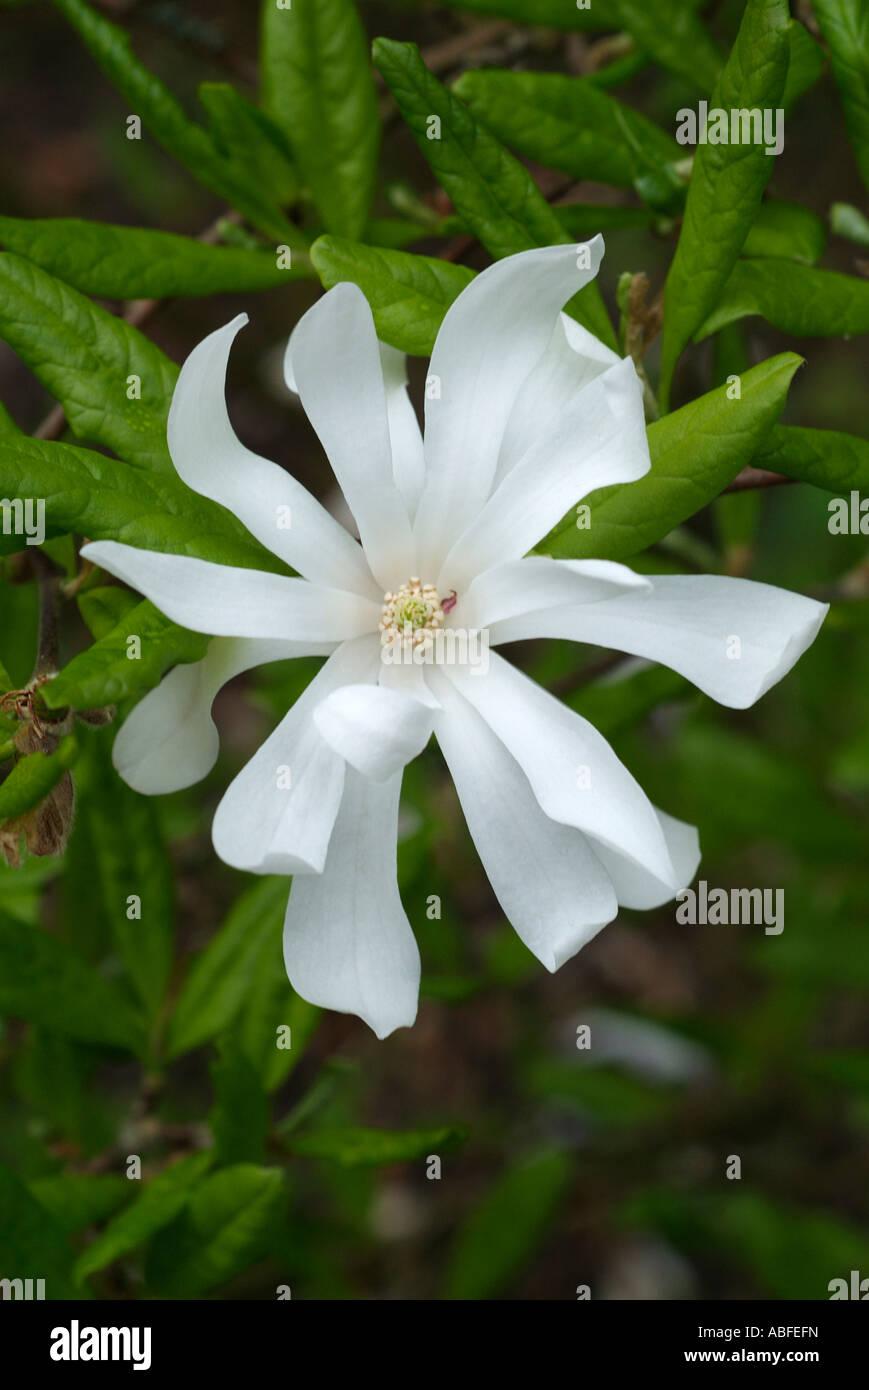 Árbol de magnolia stelata arbusto leñoso de madera de estrella blanca flor floración primavera alargada pétalo de flor en flor flor Foto de stock